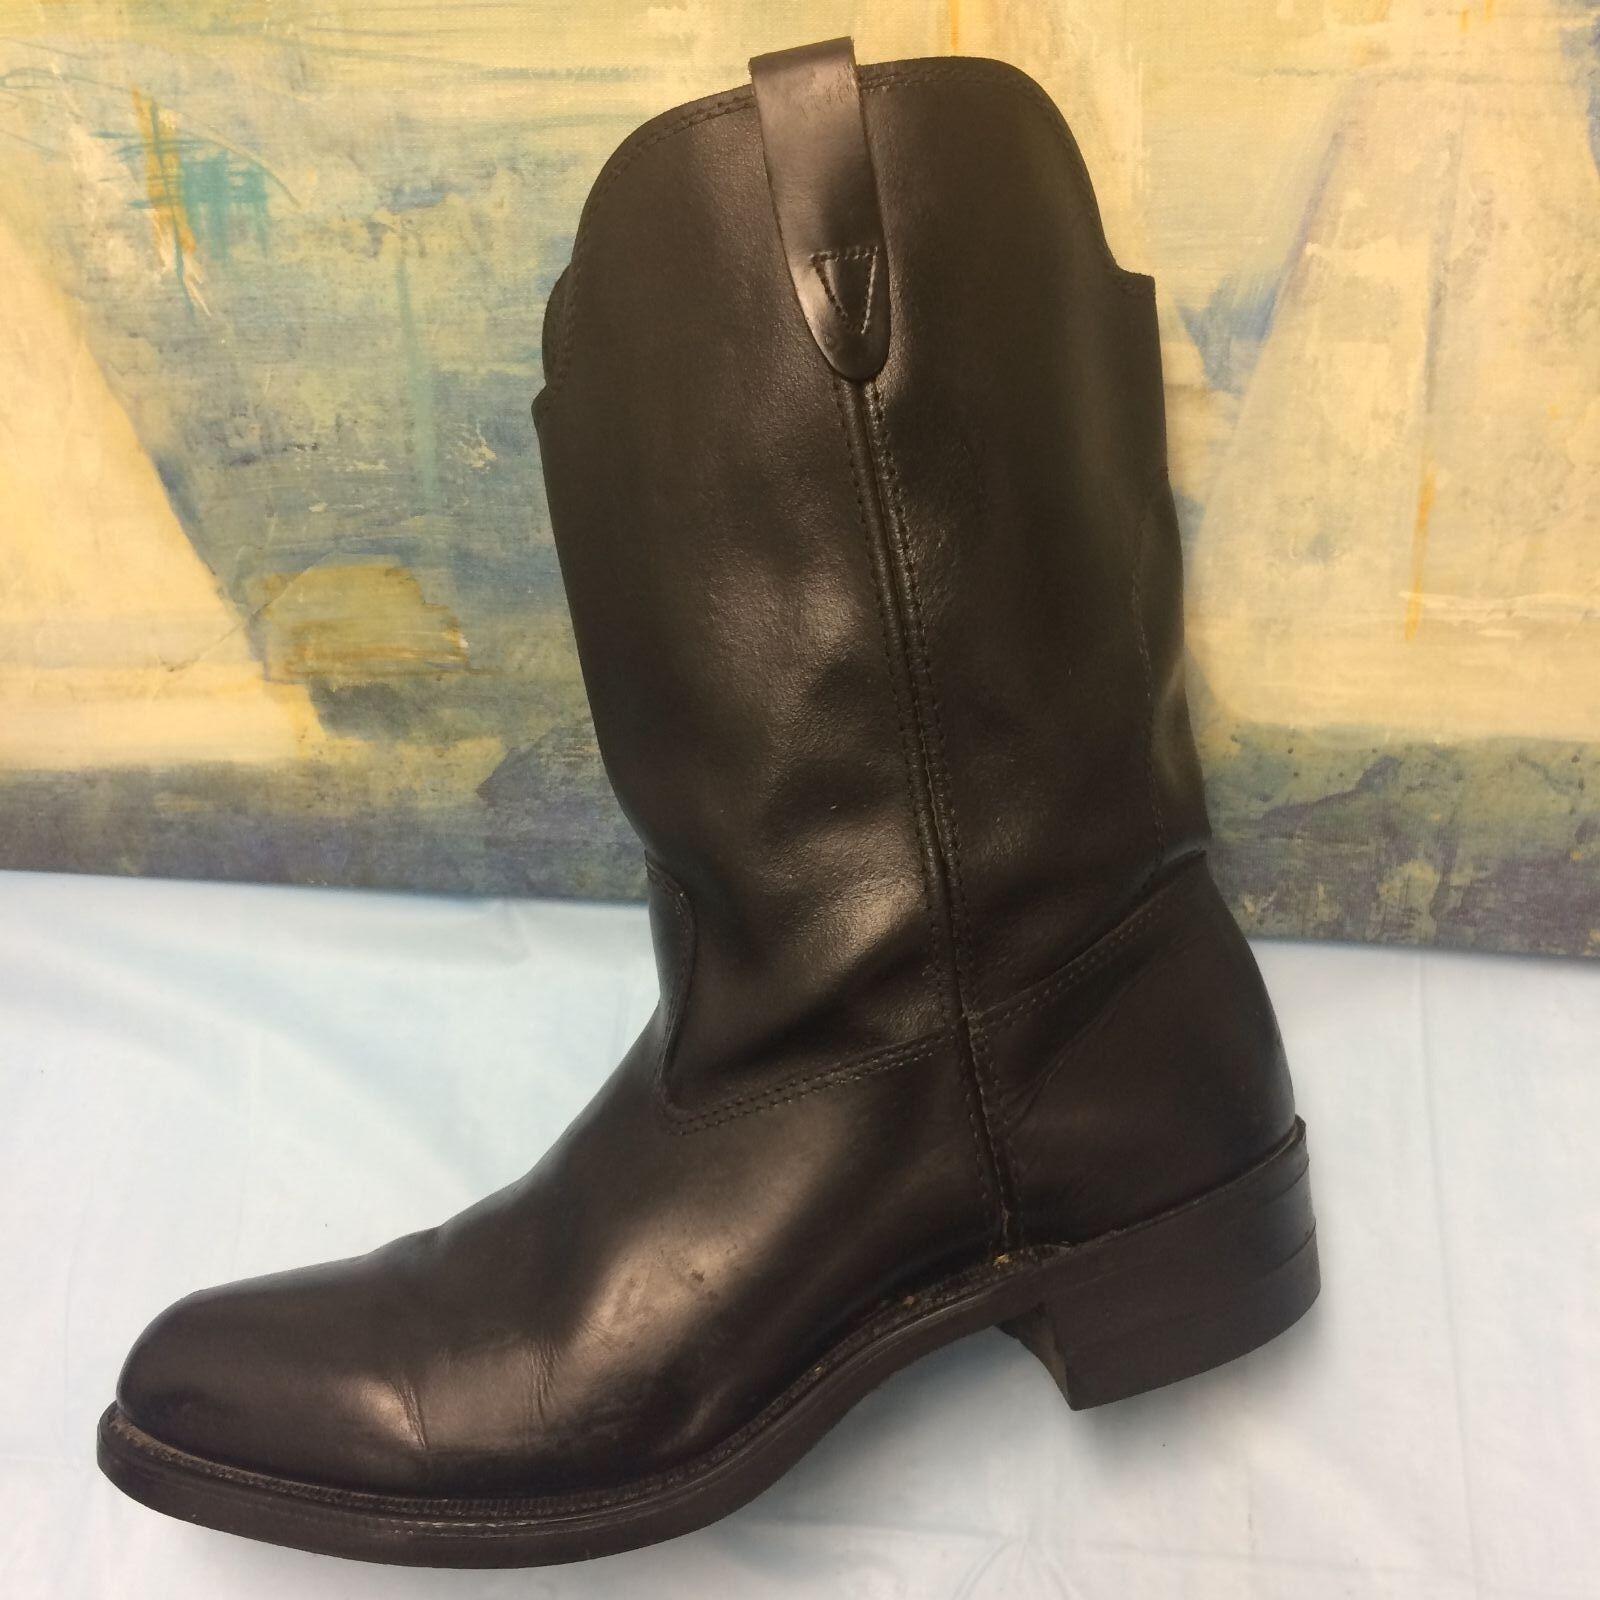 spedizione gratuita SPORTSMAN'S Western  nero stivali stivali stivali - sz Uomo 9- American Style  negozio online